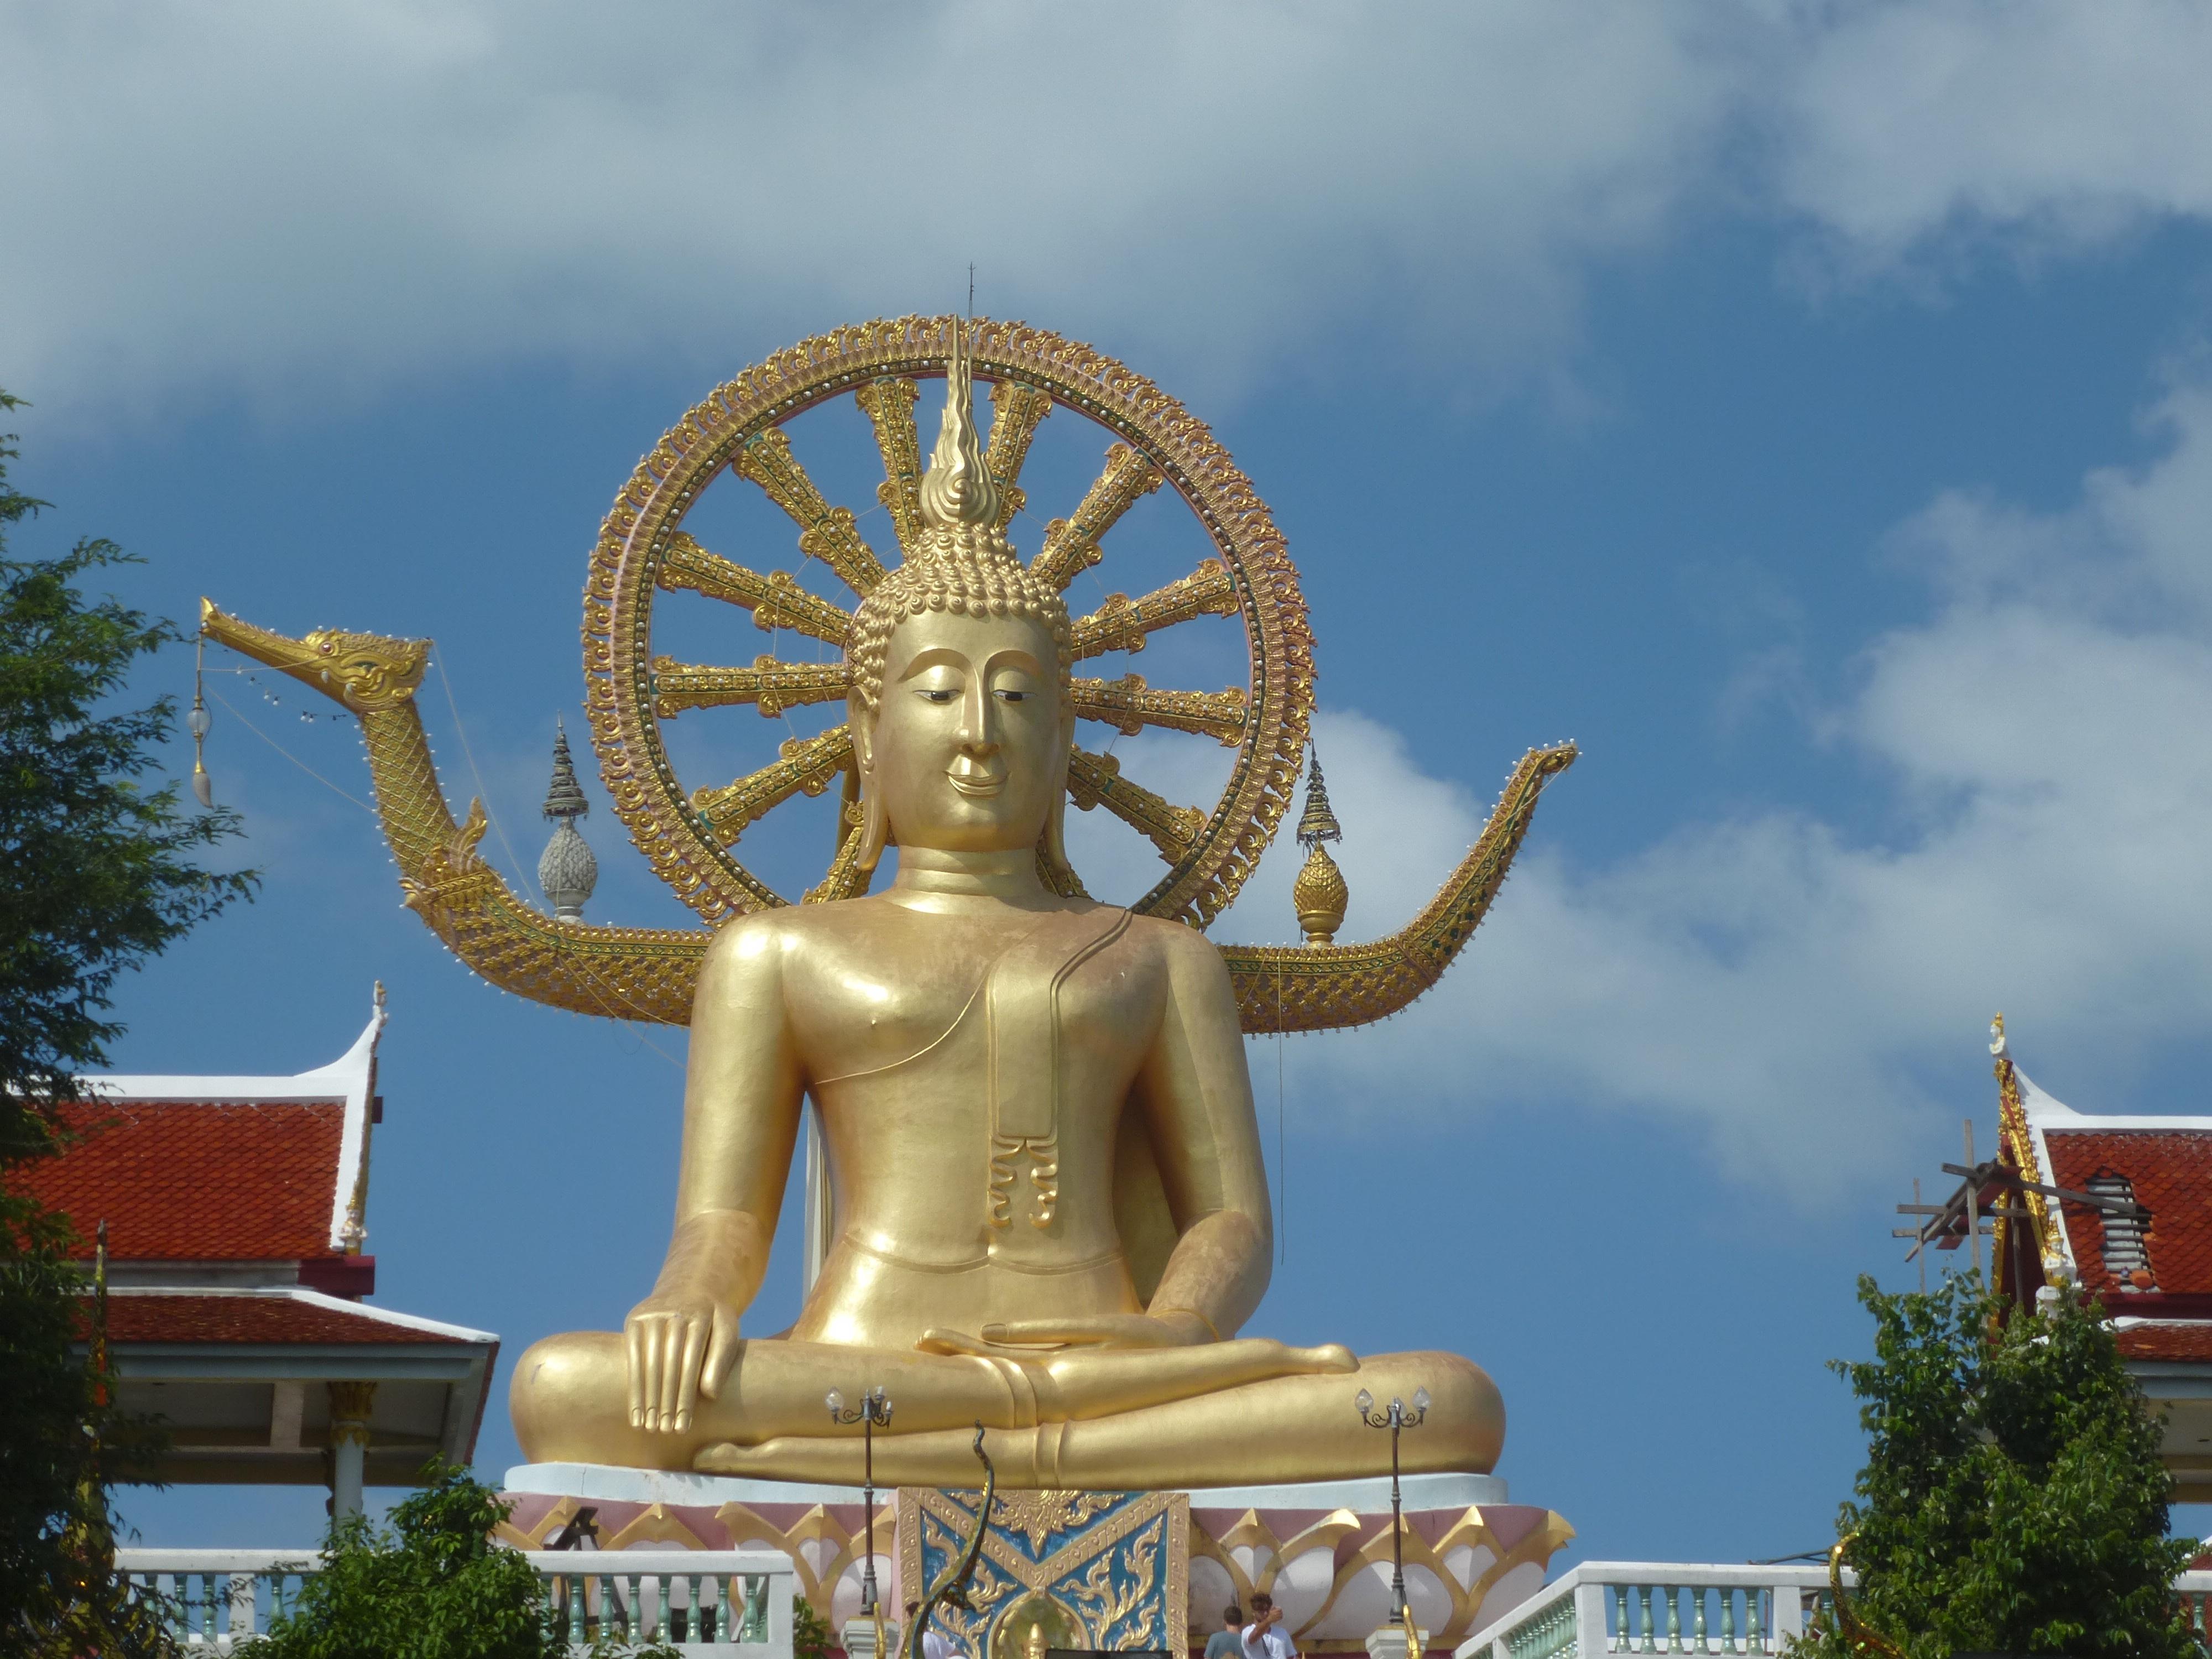 боги тайланда в картинках стебле расположены виде